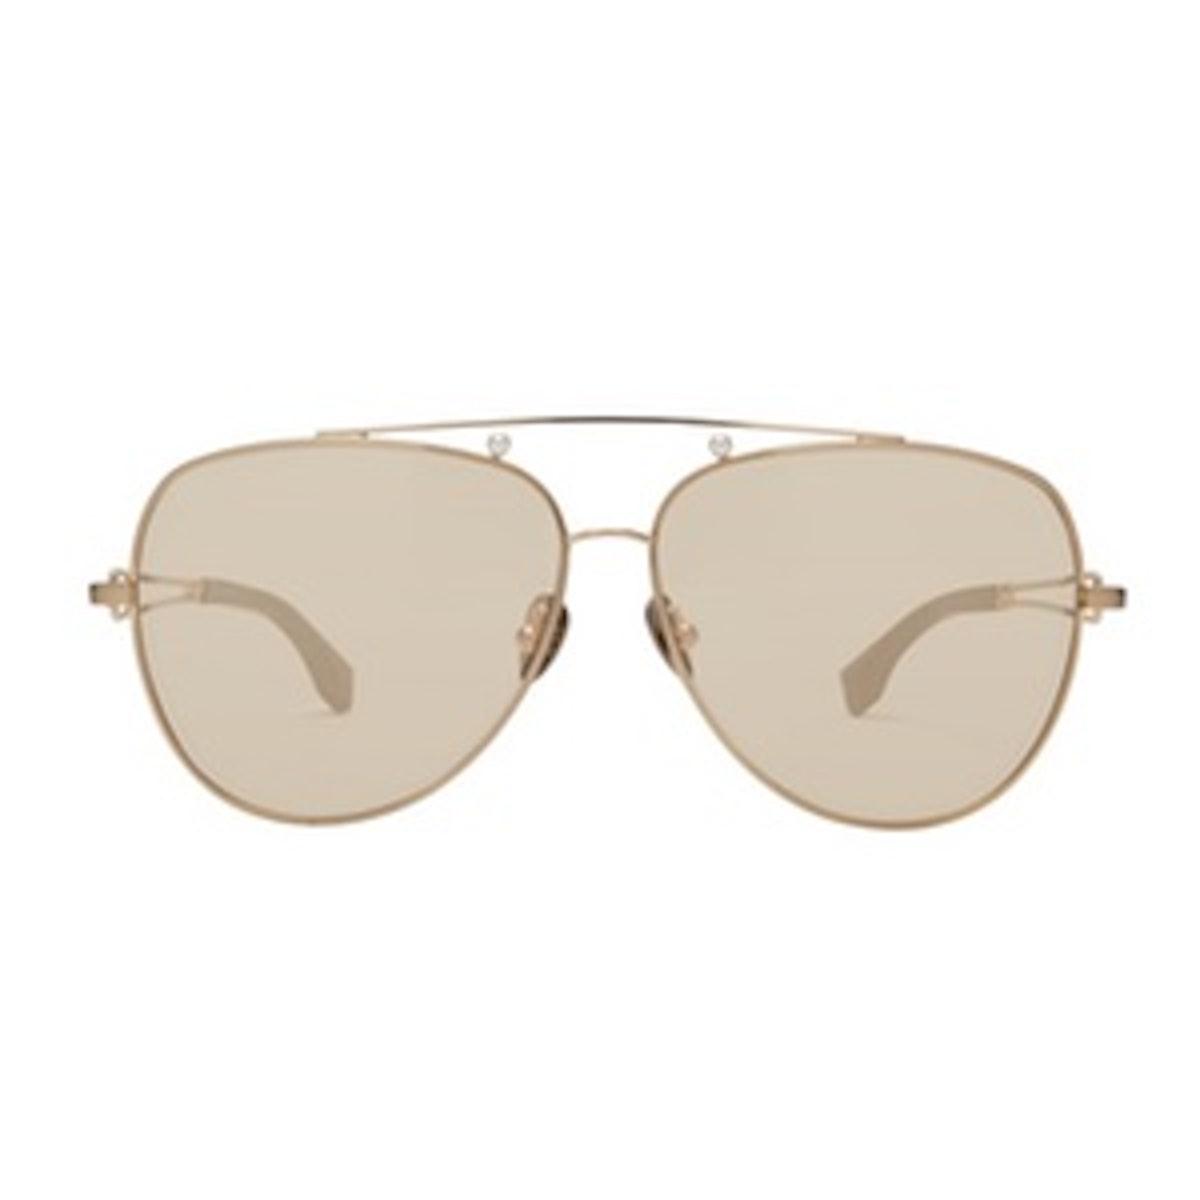 Diane Sunglasses